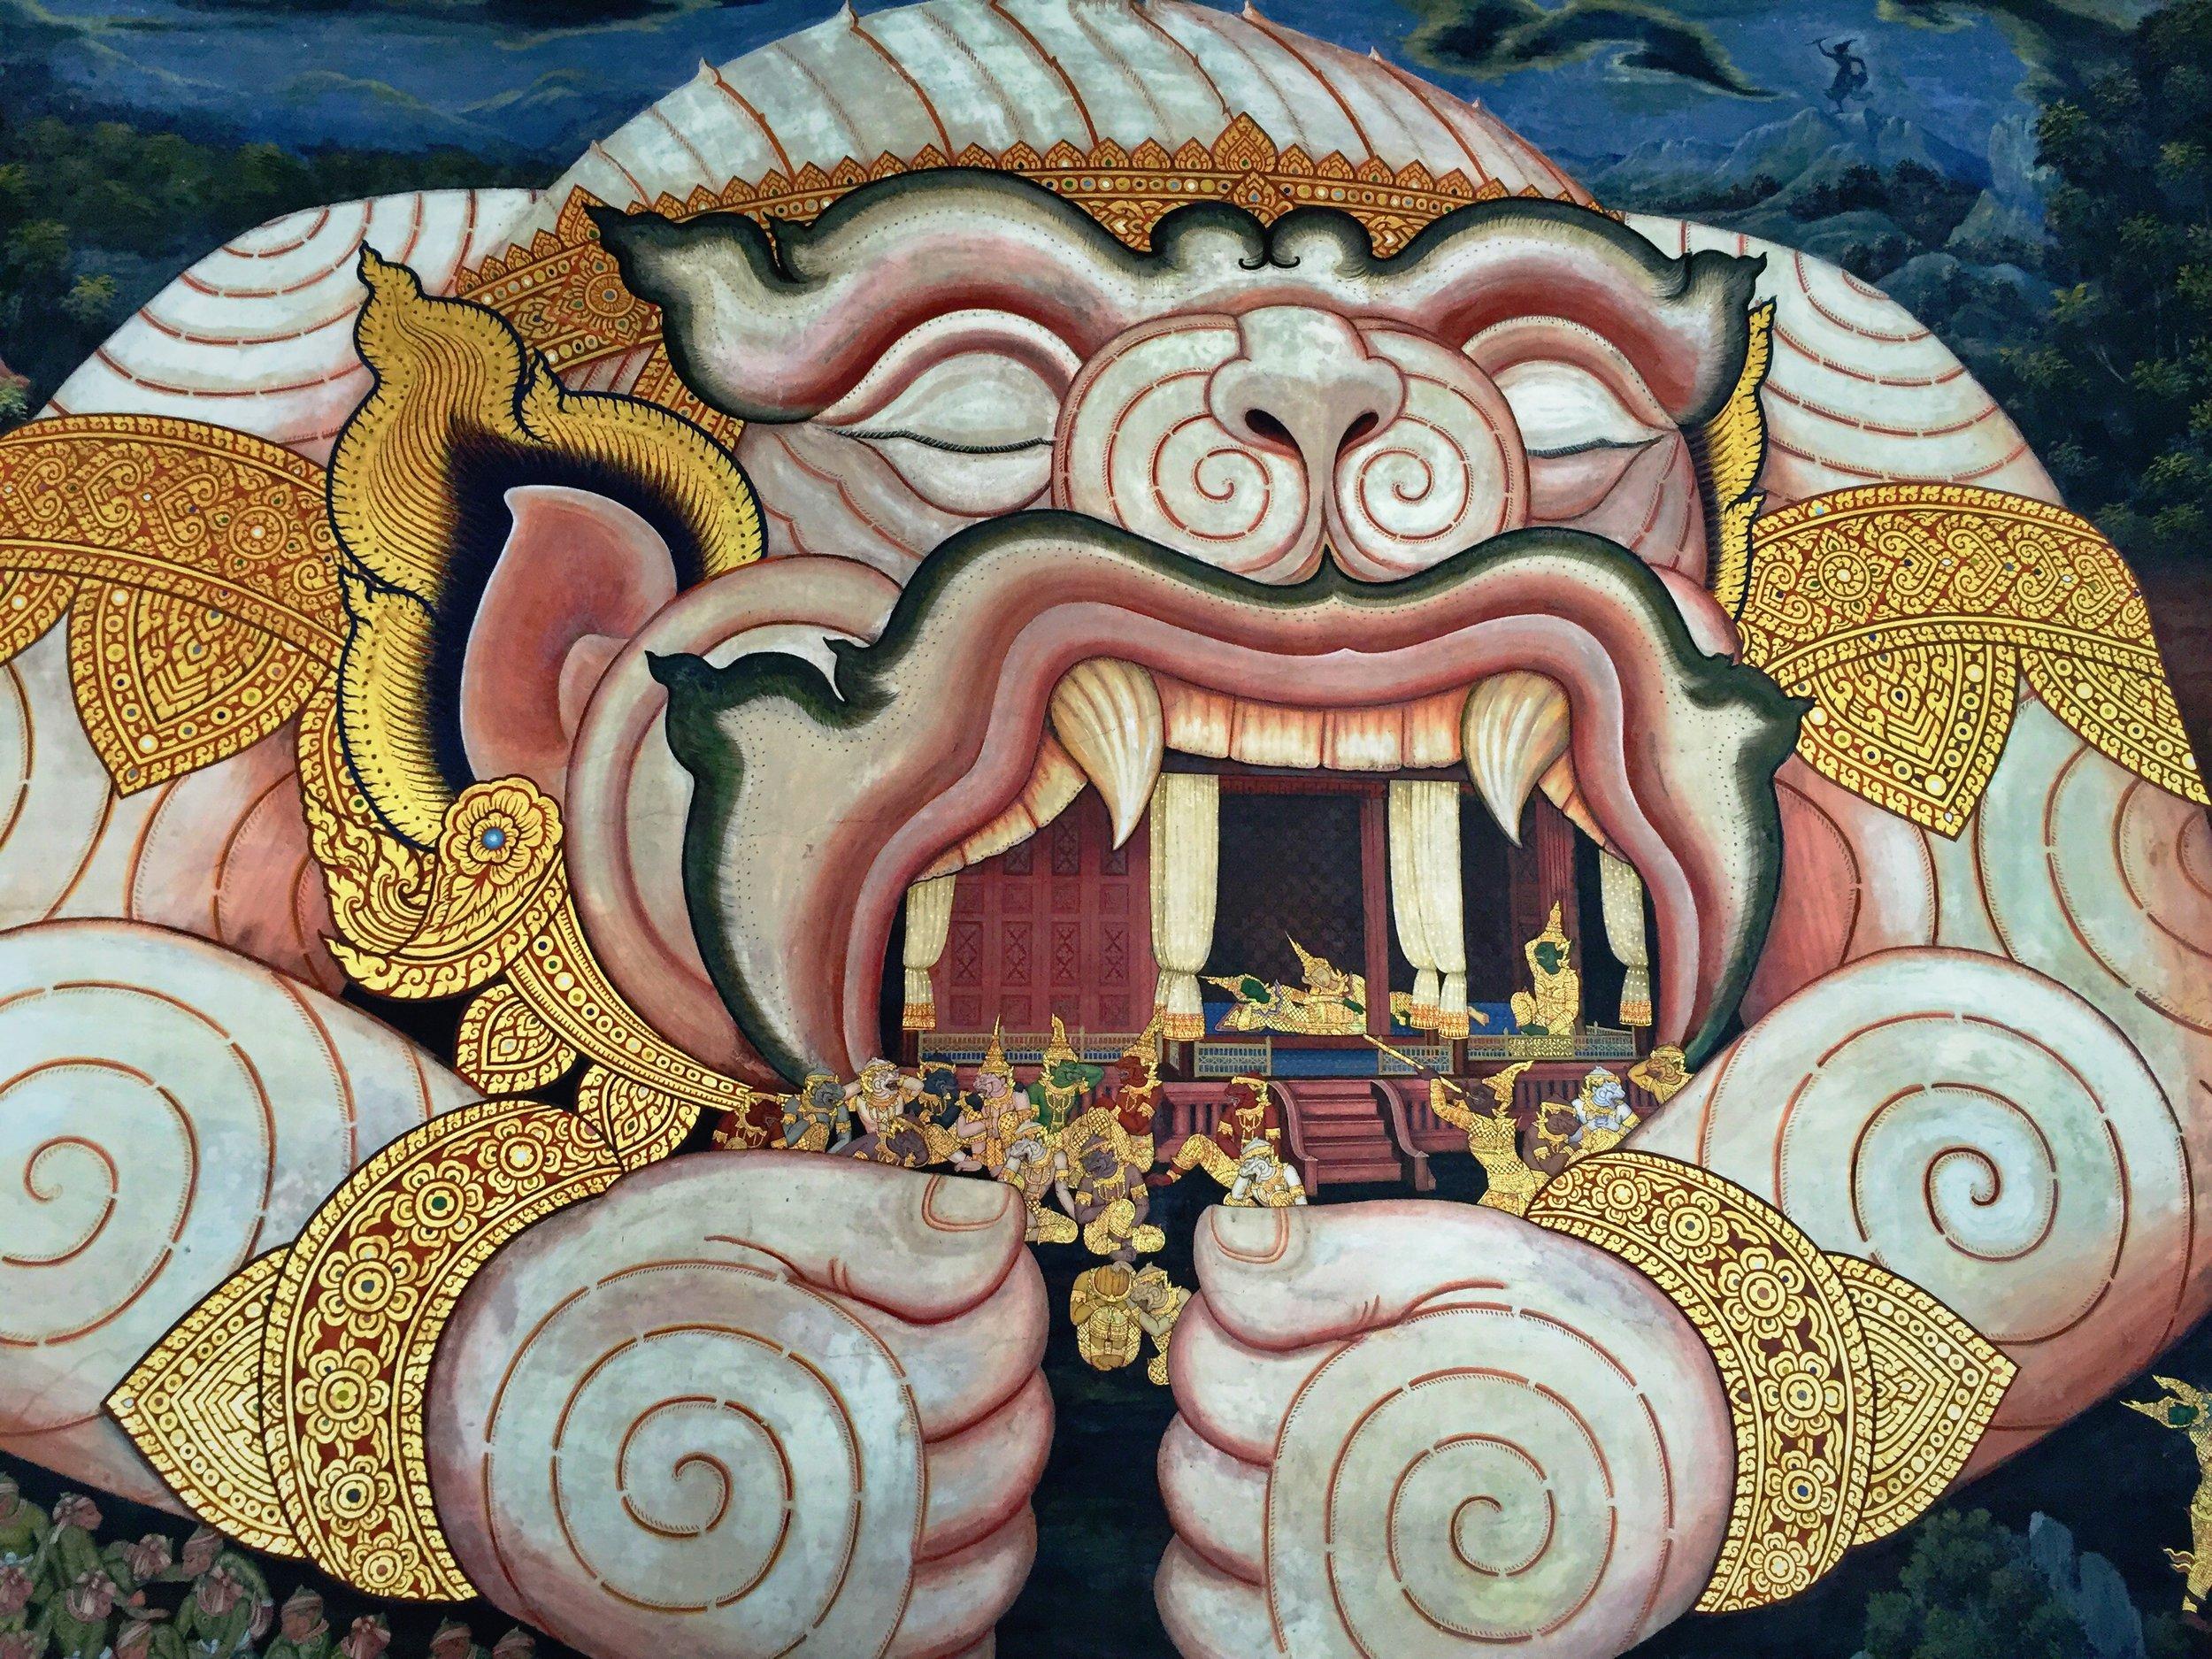 Artwork in a Thai Buddhist temple